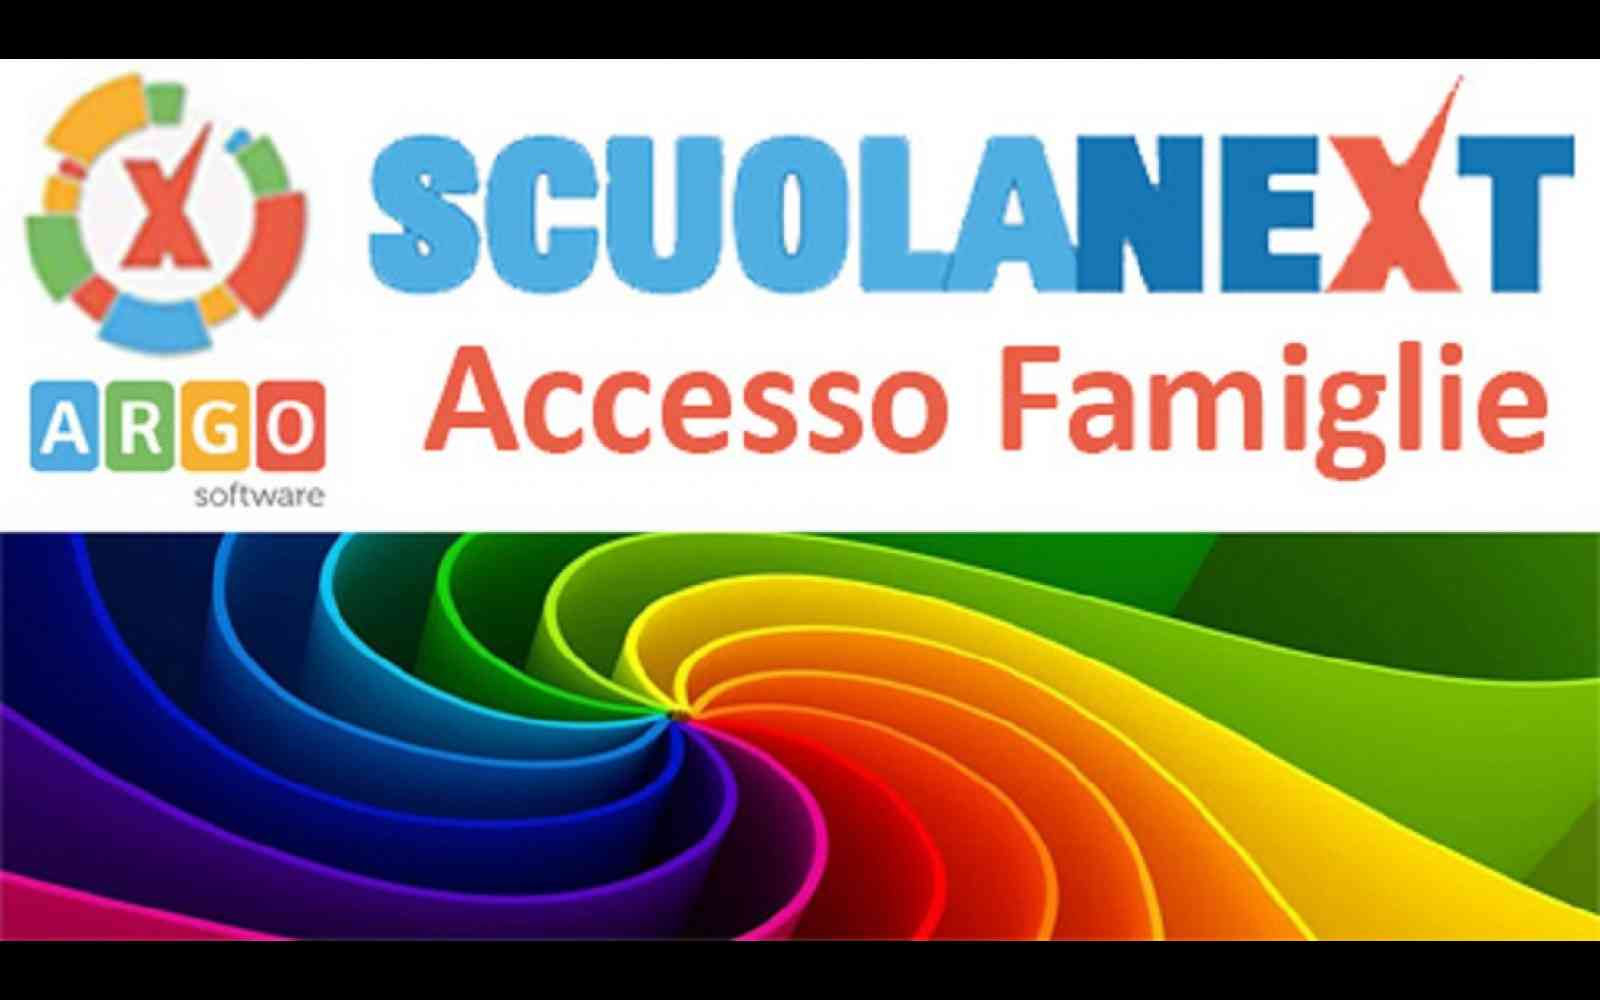 accesso_famiglia